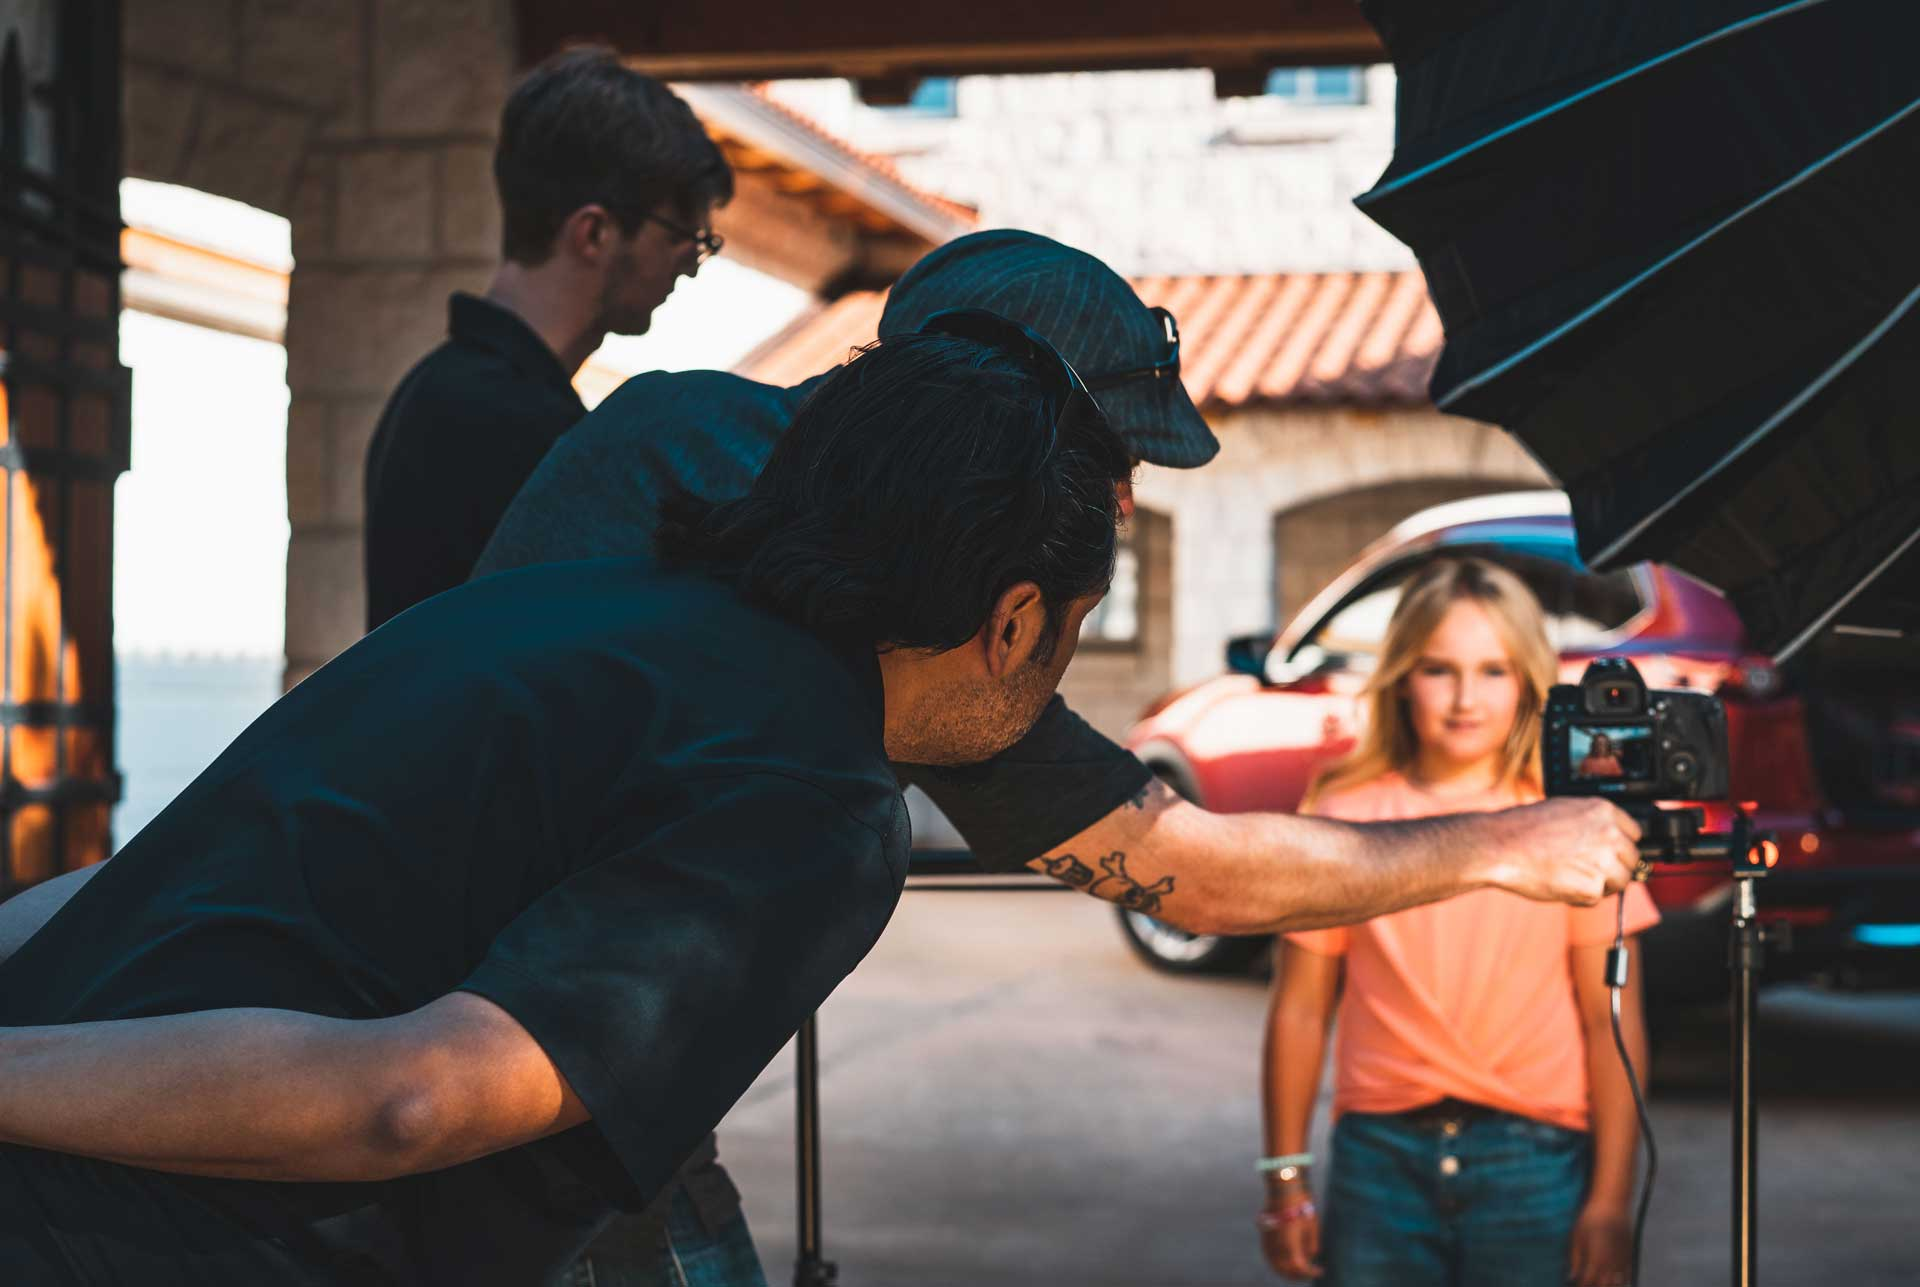 creative-cannon-crew-video-shoot-amarillo-texas